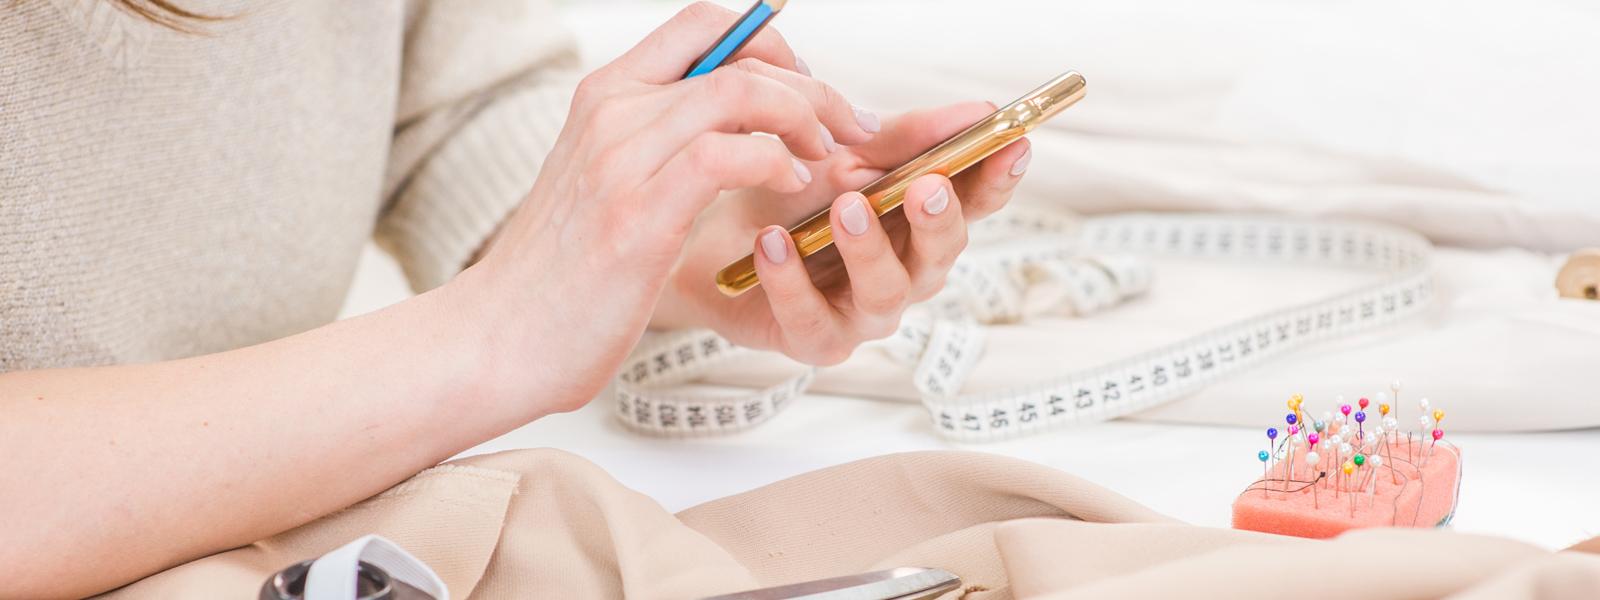 Sew a Bag Today! - ChrisW Designs Designer Handbag Patterns